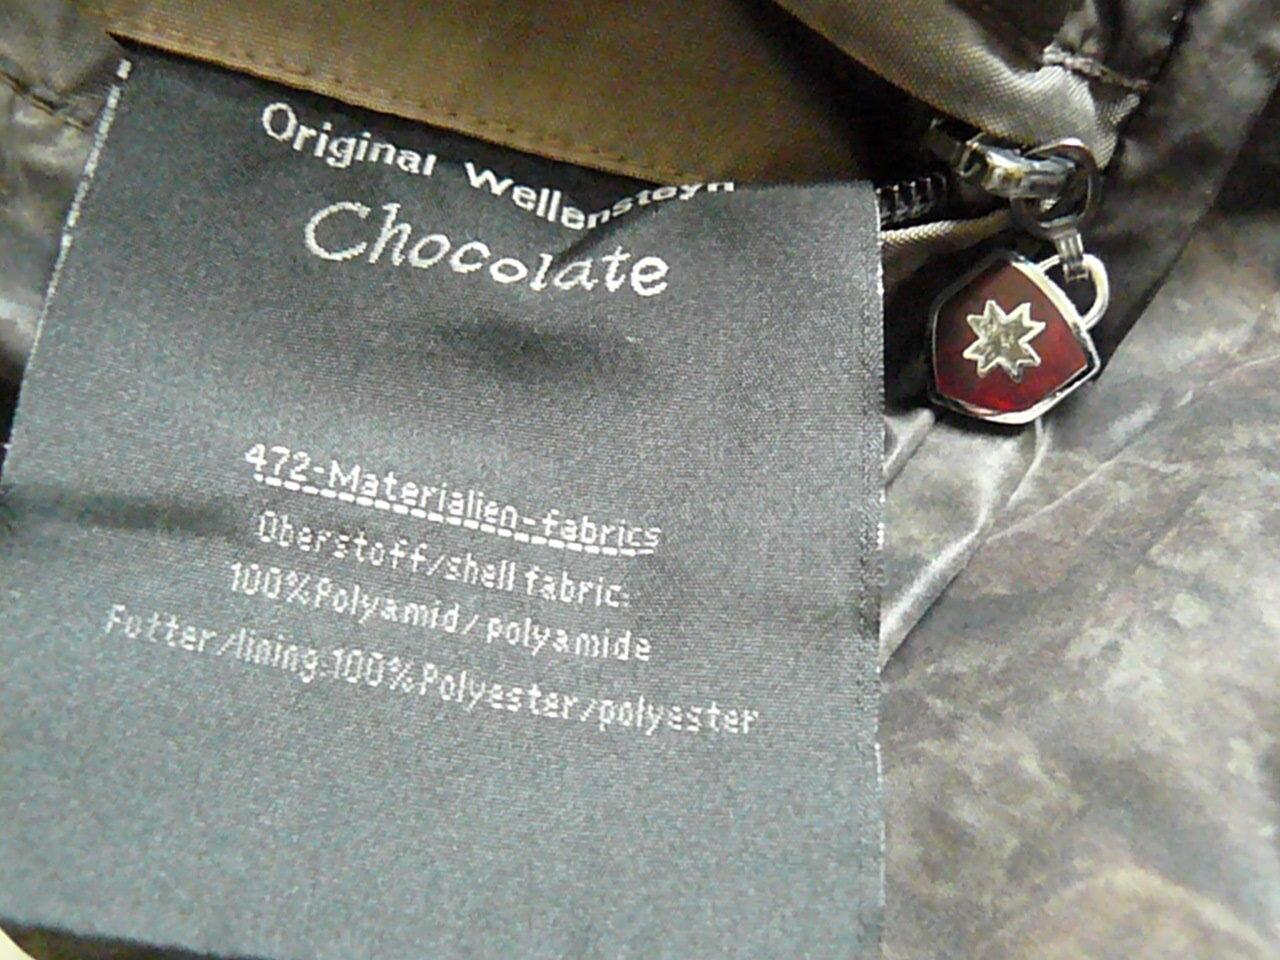 WELLENSTEYN WELLENSTEYN WELLENSTEYN NEU Chocolate khaki  grün  braun Gr. Smit Kapuze   | Haltbarkeit  | Haltbarkeit  | Abgabepreis  | Ein Gleichgewicht zwischen Zähigkeit und Härte  | New Style  efdcd3